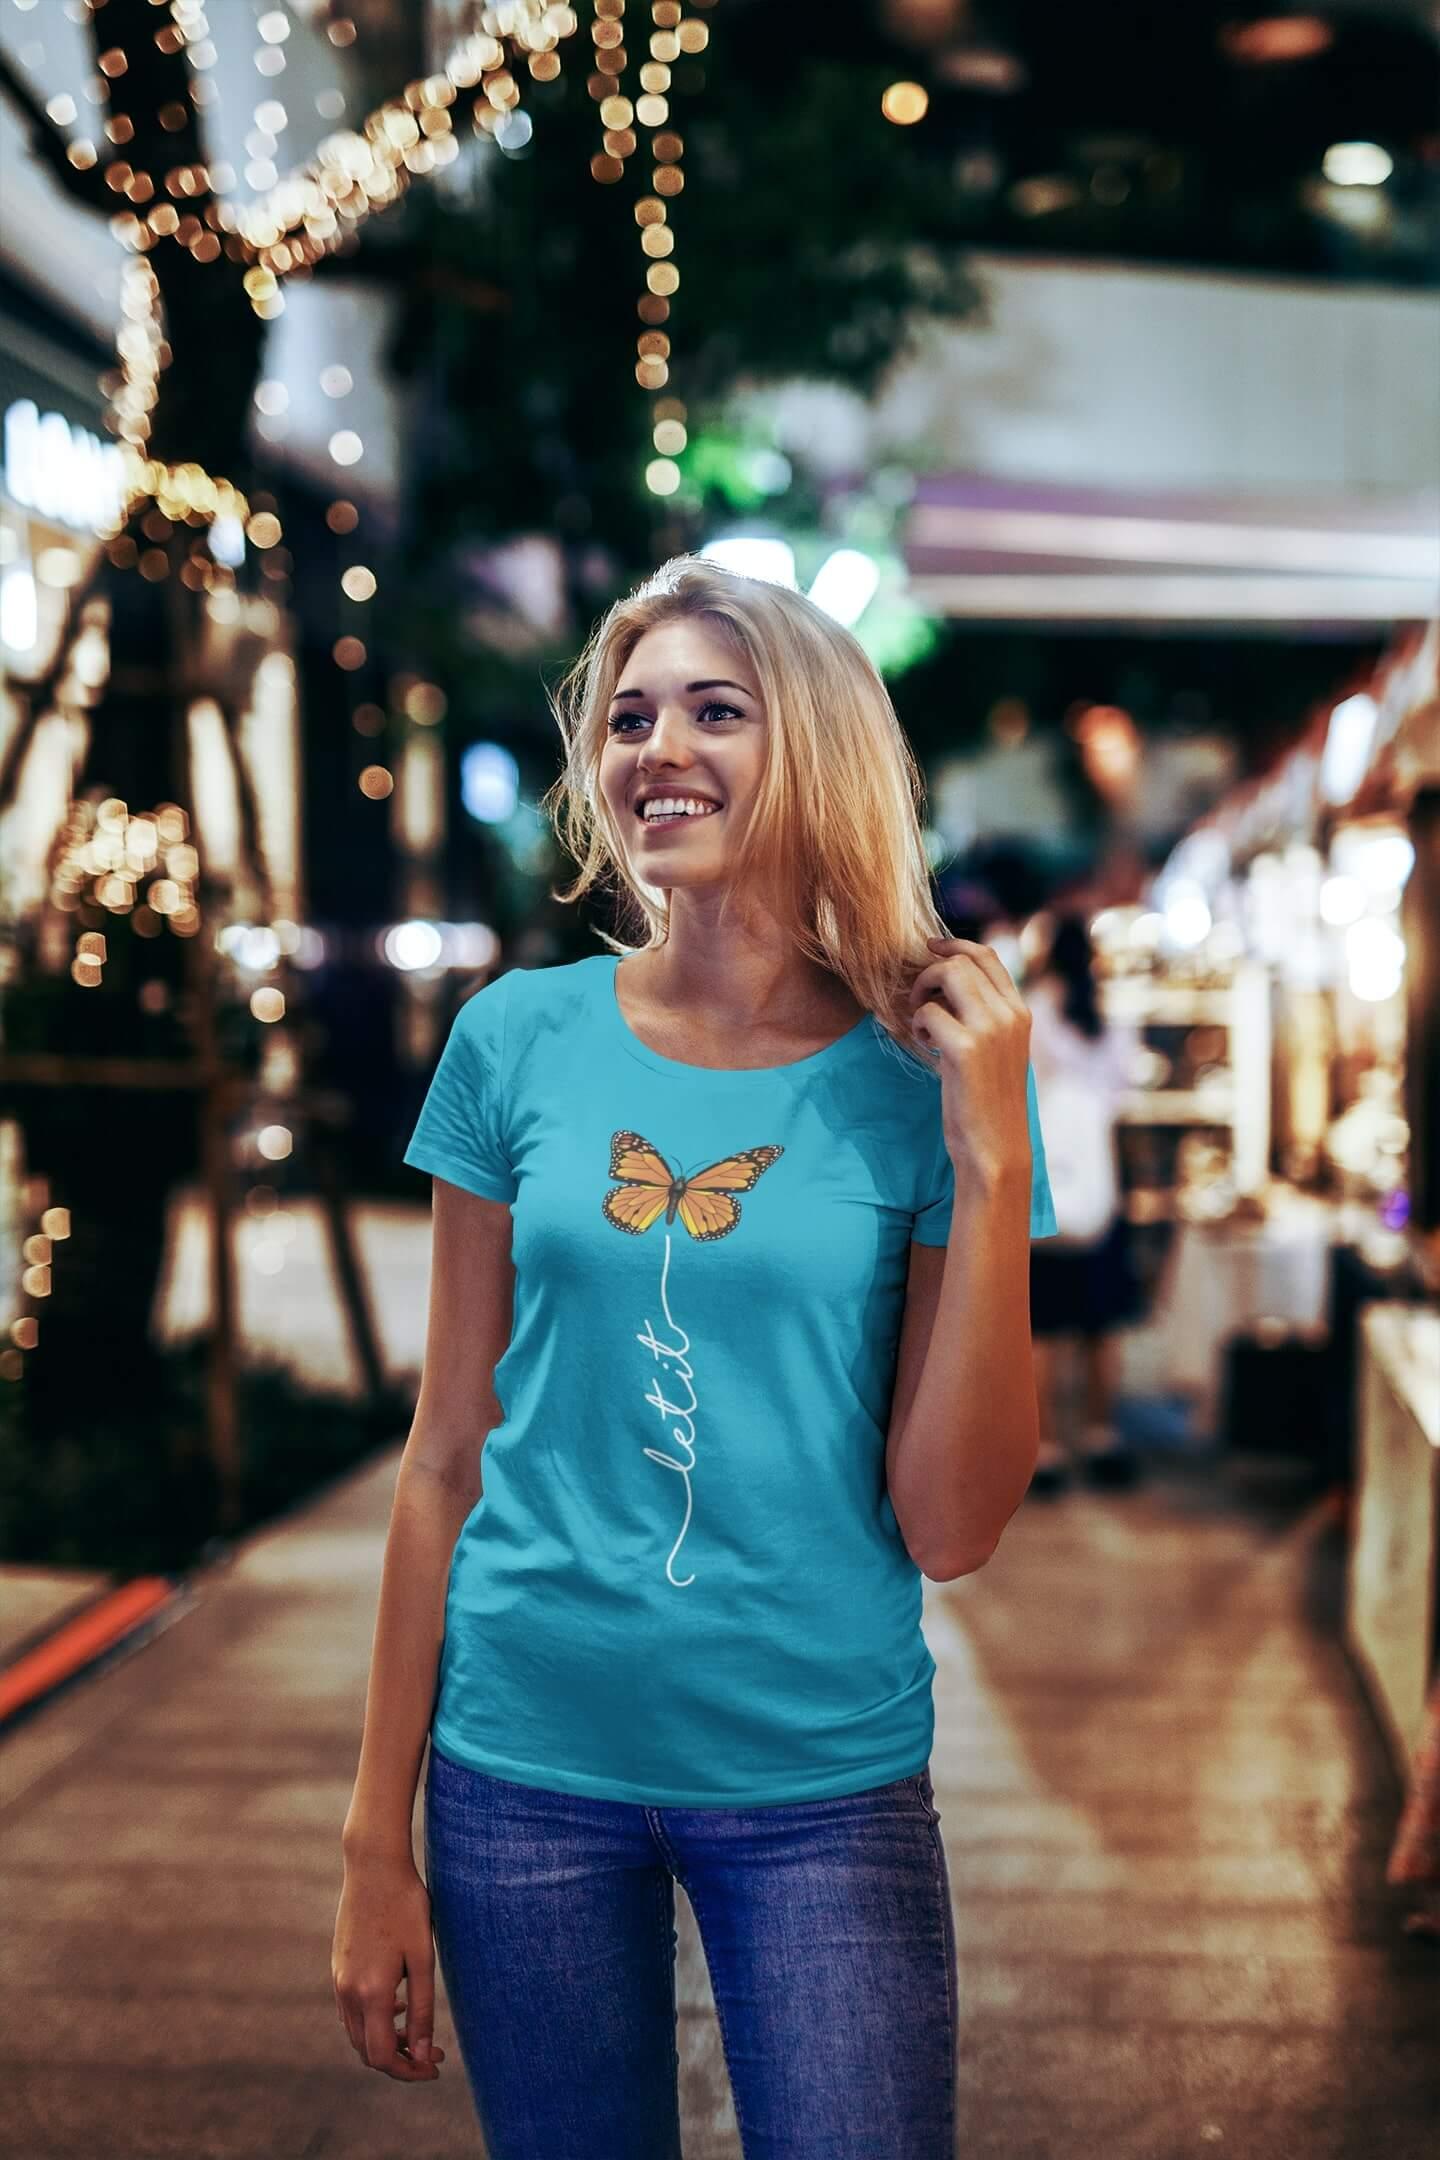 MMO Dámske tričko Let it motýľ Vyberte farbu: Tyrkysová, Vyberte veľkosť: S